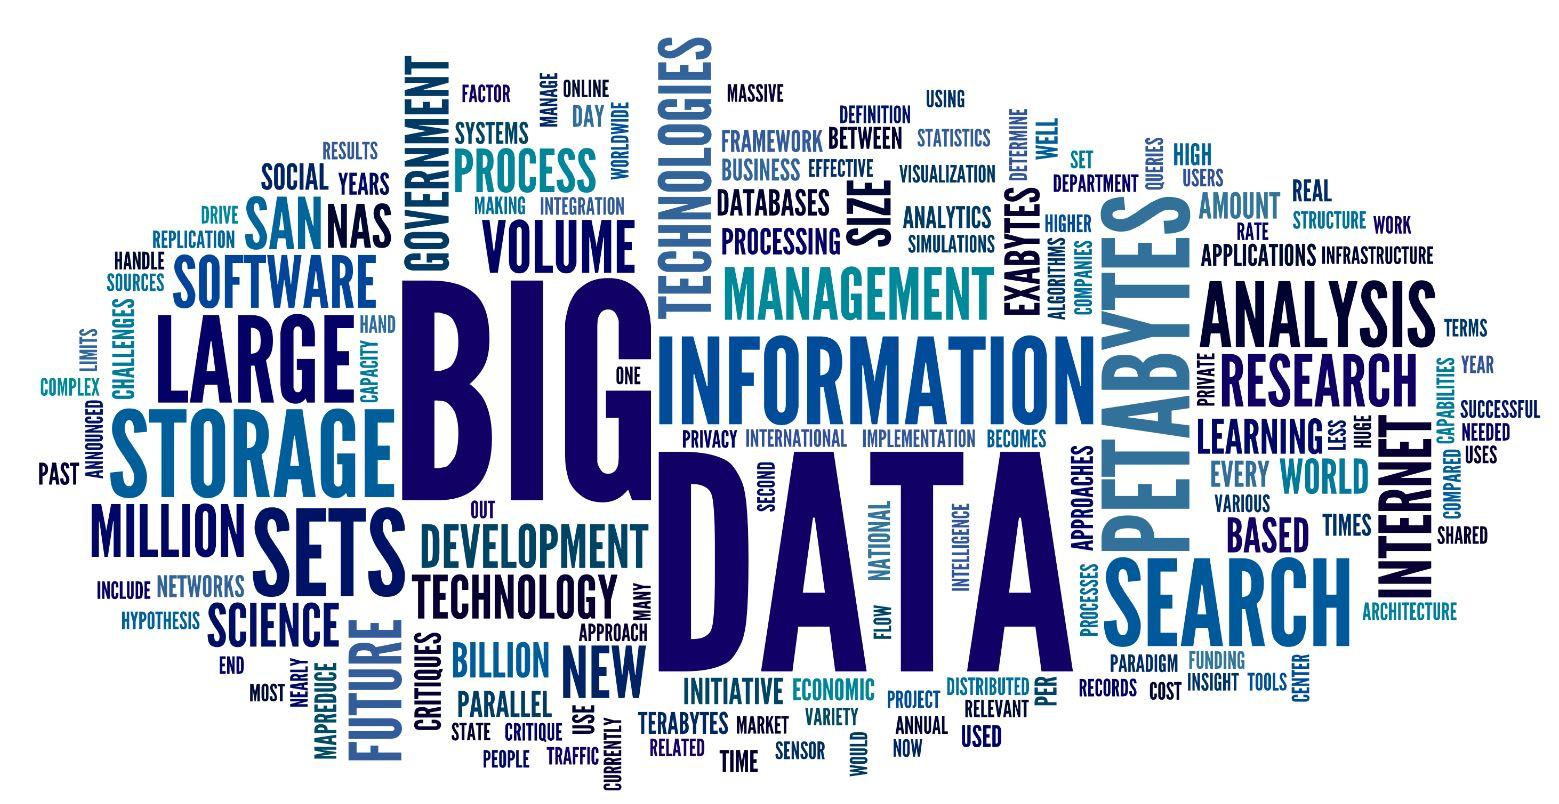 big-data-analysis.jpg